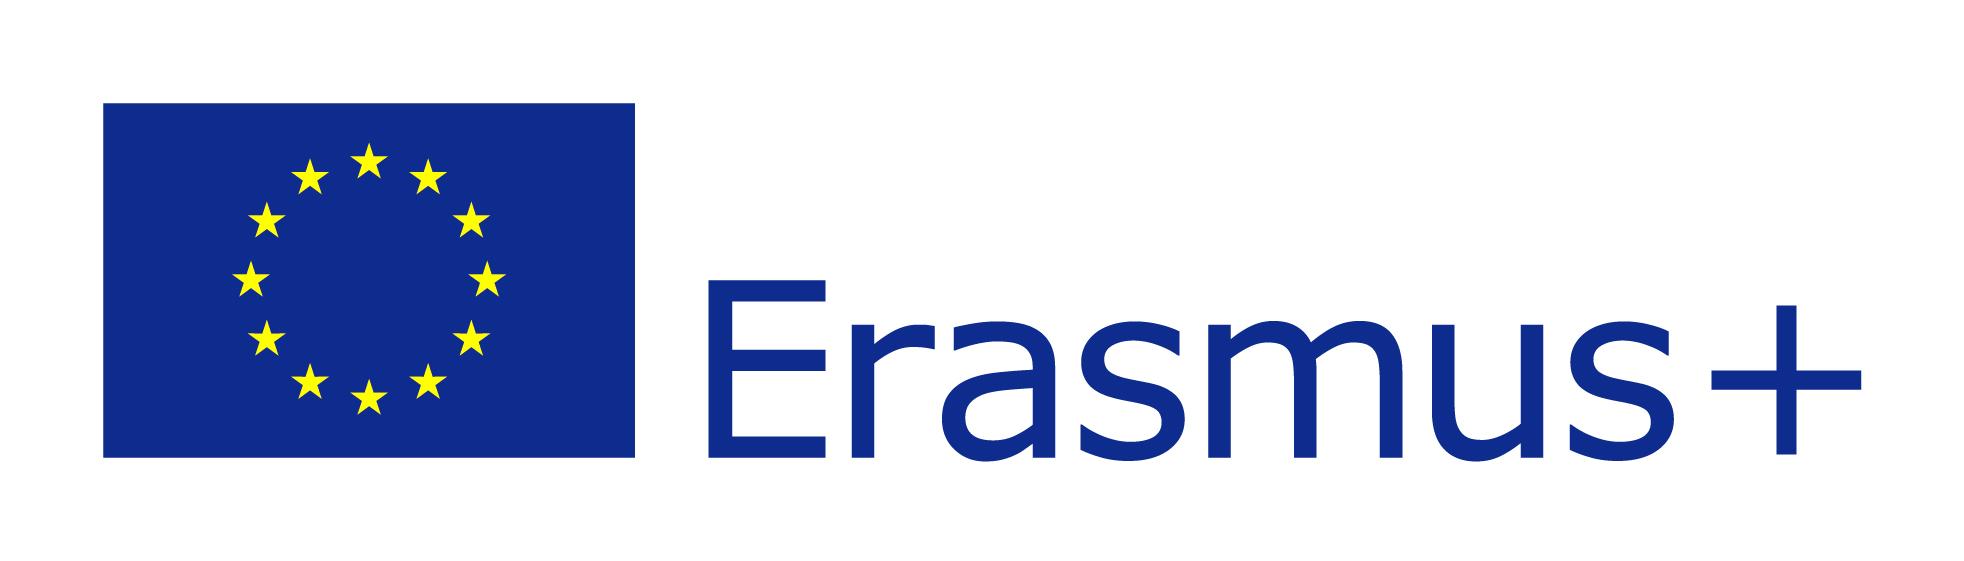 EU flag-Erasmus+.jpg